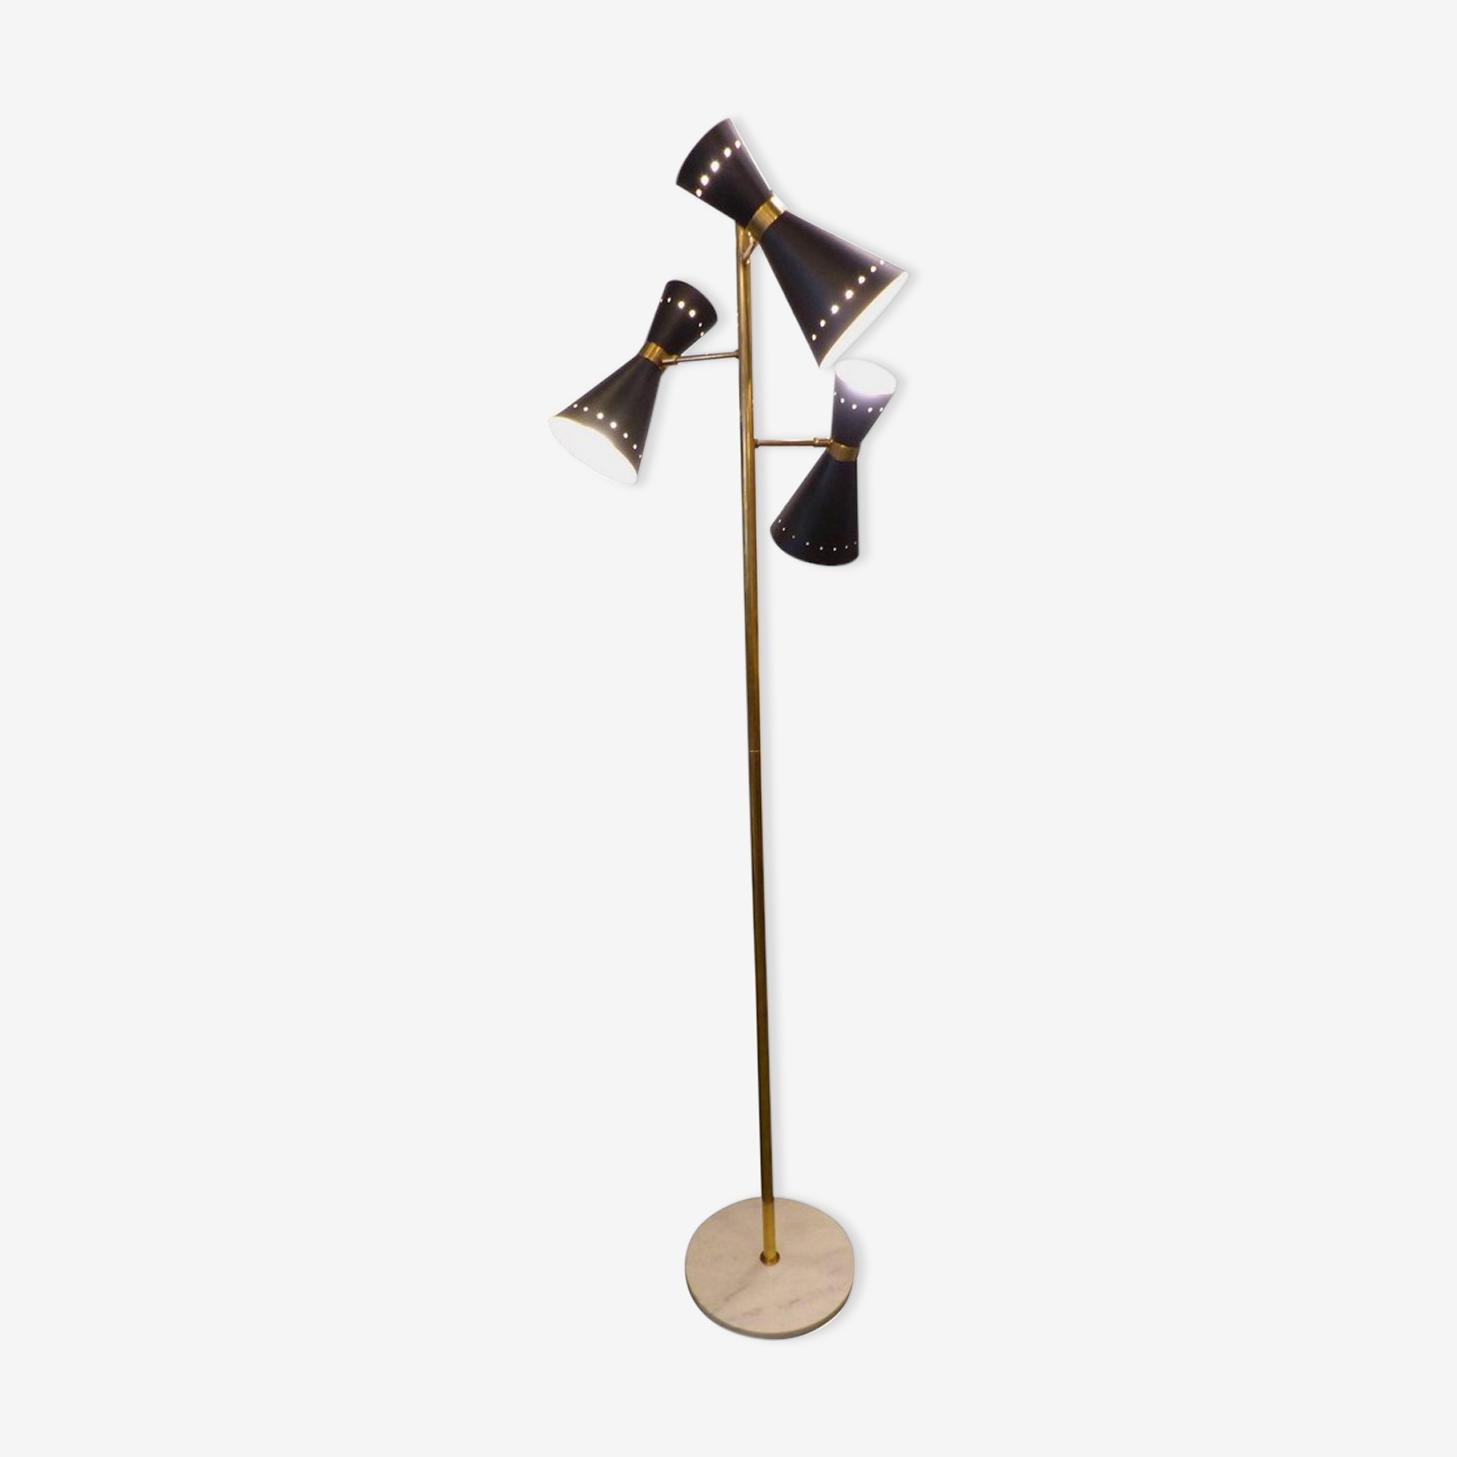 Lampadaire dans le style des créations italiennes des années 50